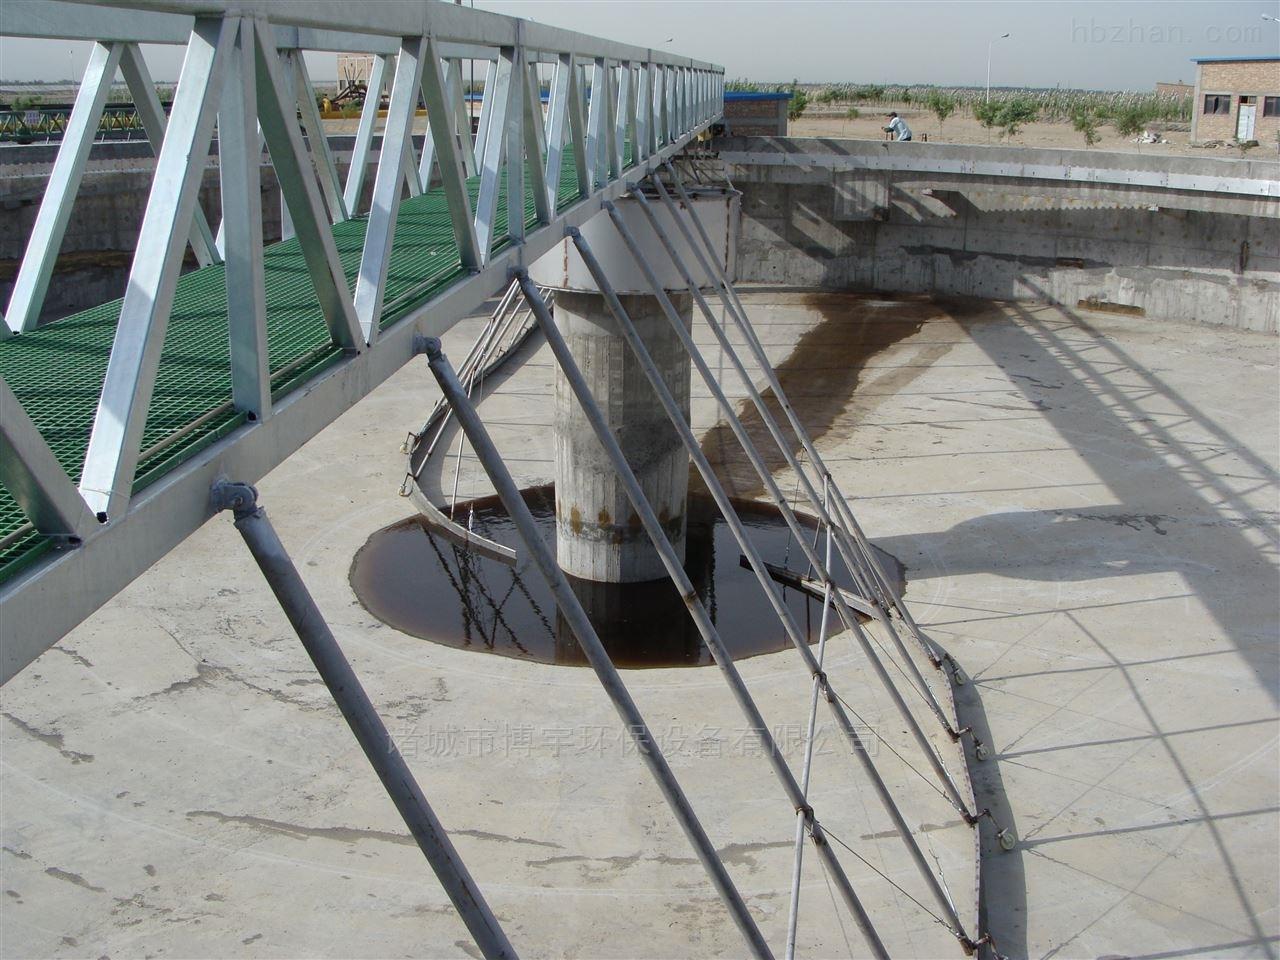 全桥式周边传动刮泥机设备品牌